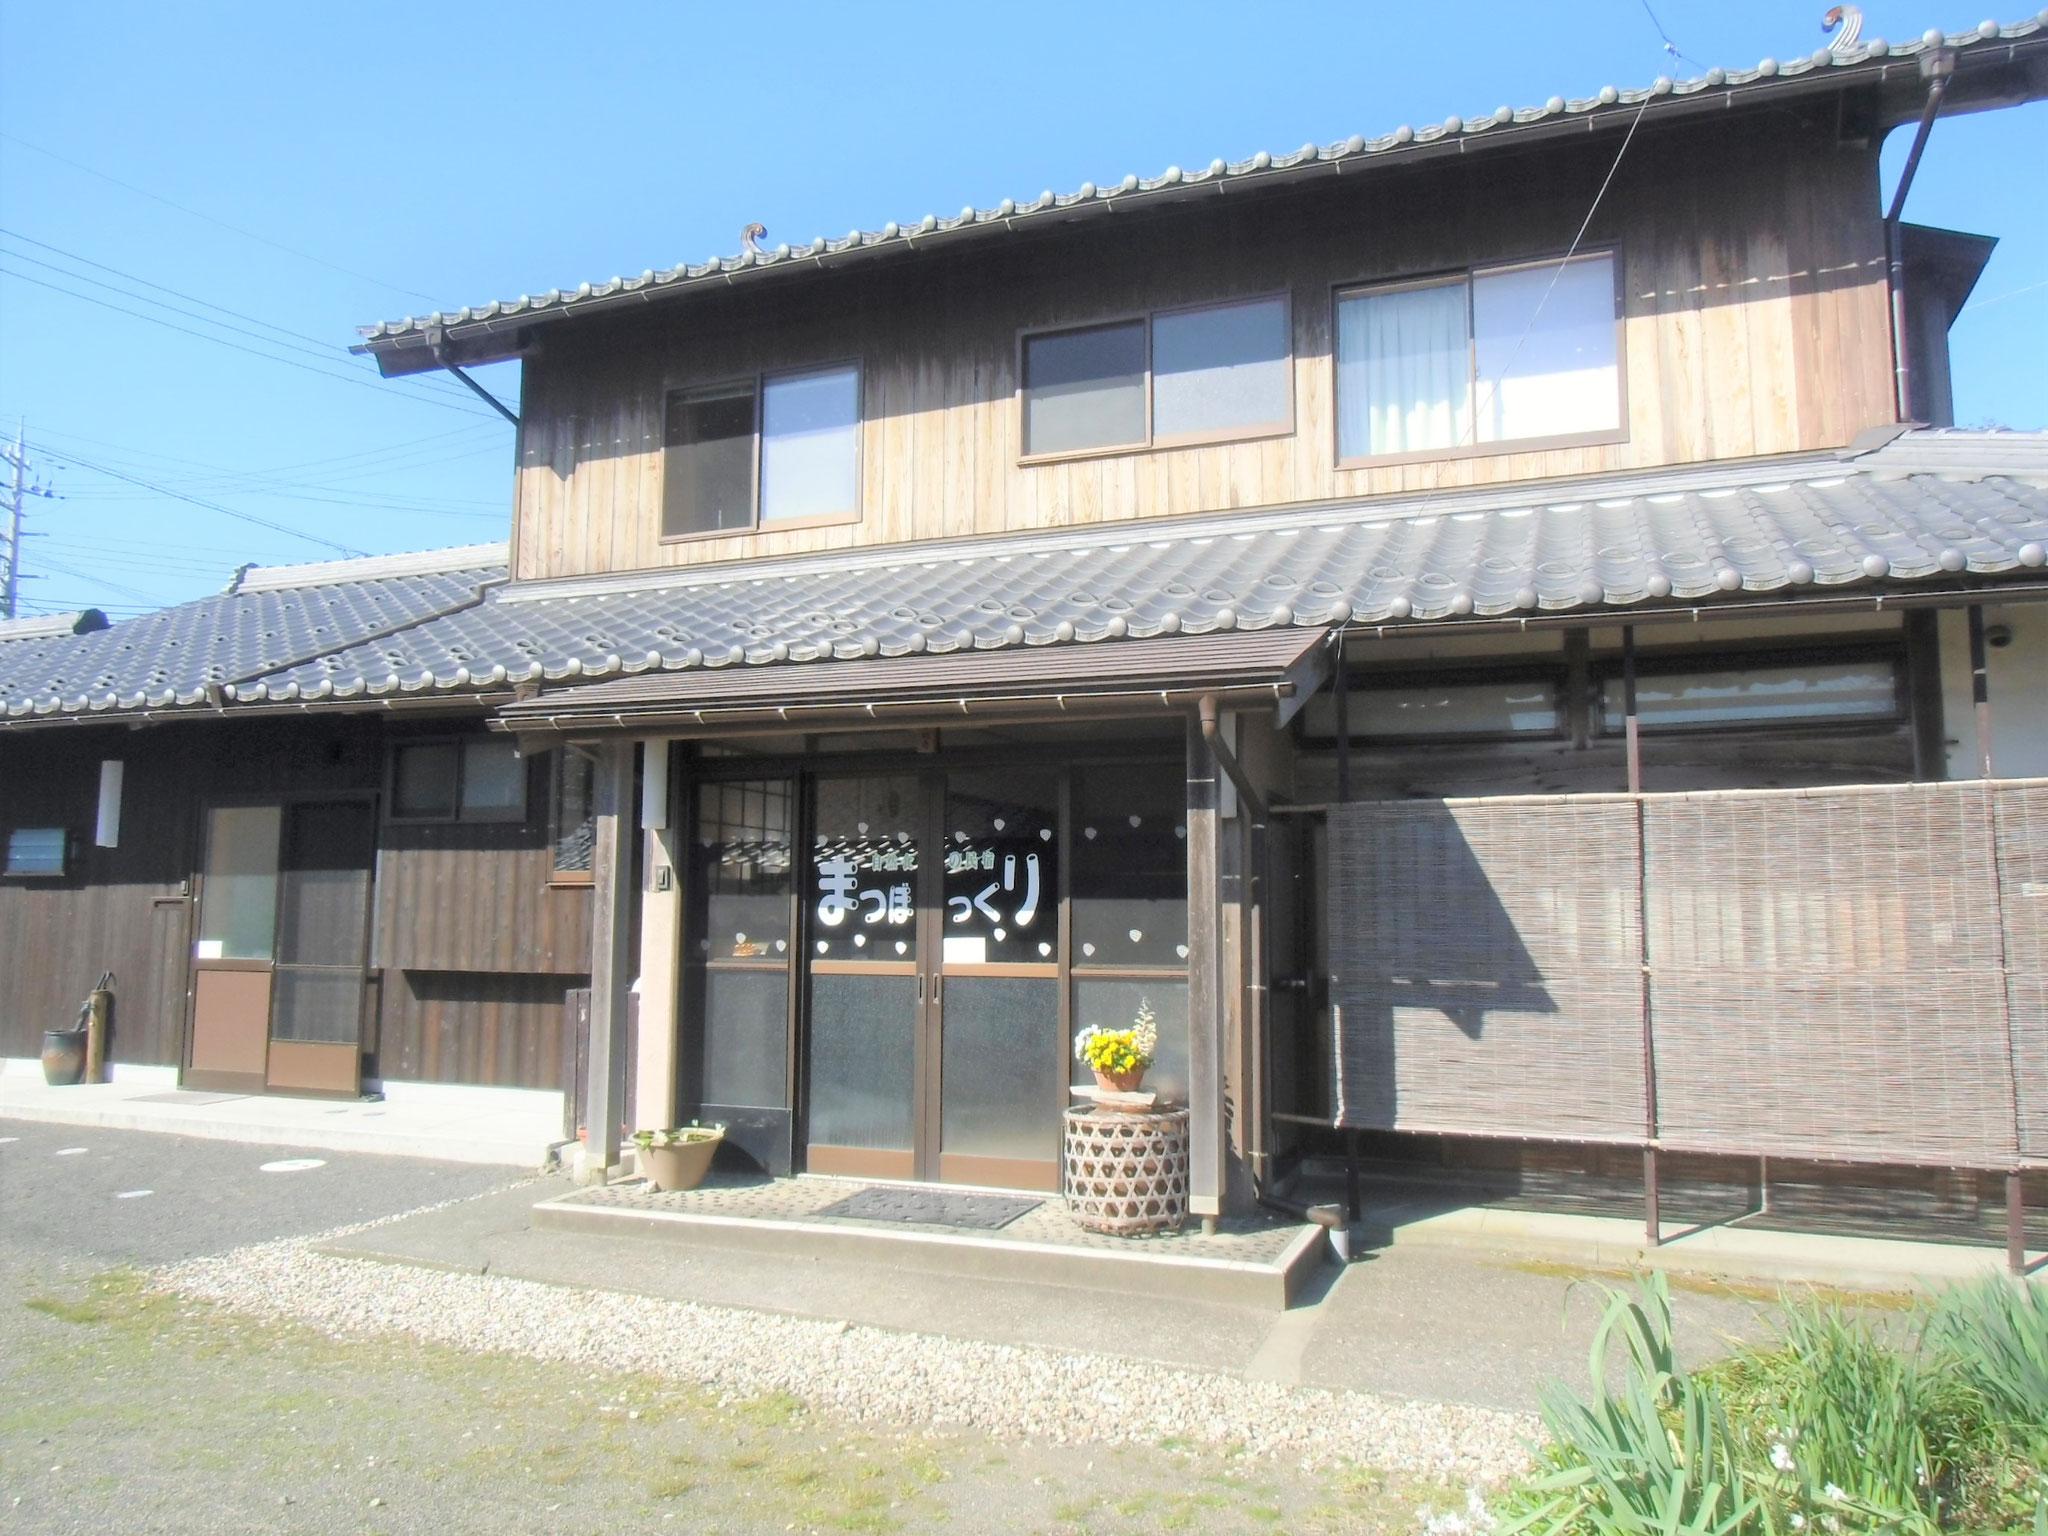 母屋は昭和のたたずまいです。2018年キッチンなどを家庭用にリフォーム。母屋のみ上水道は使わず、全て地下水を使用しています。